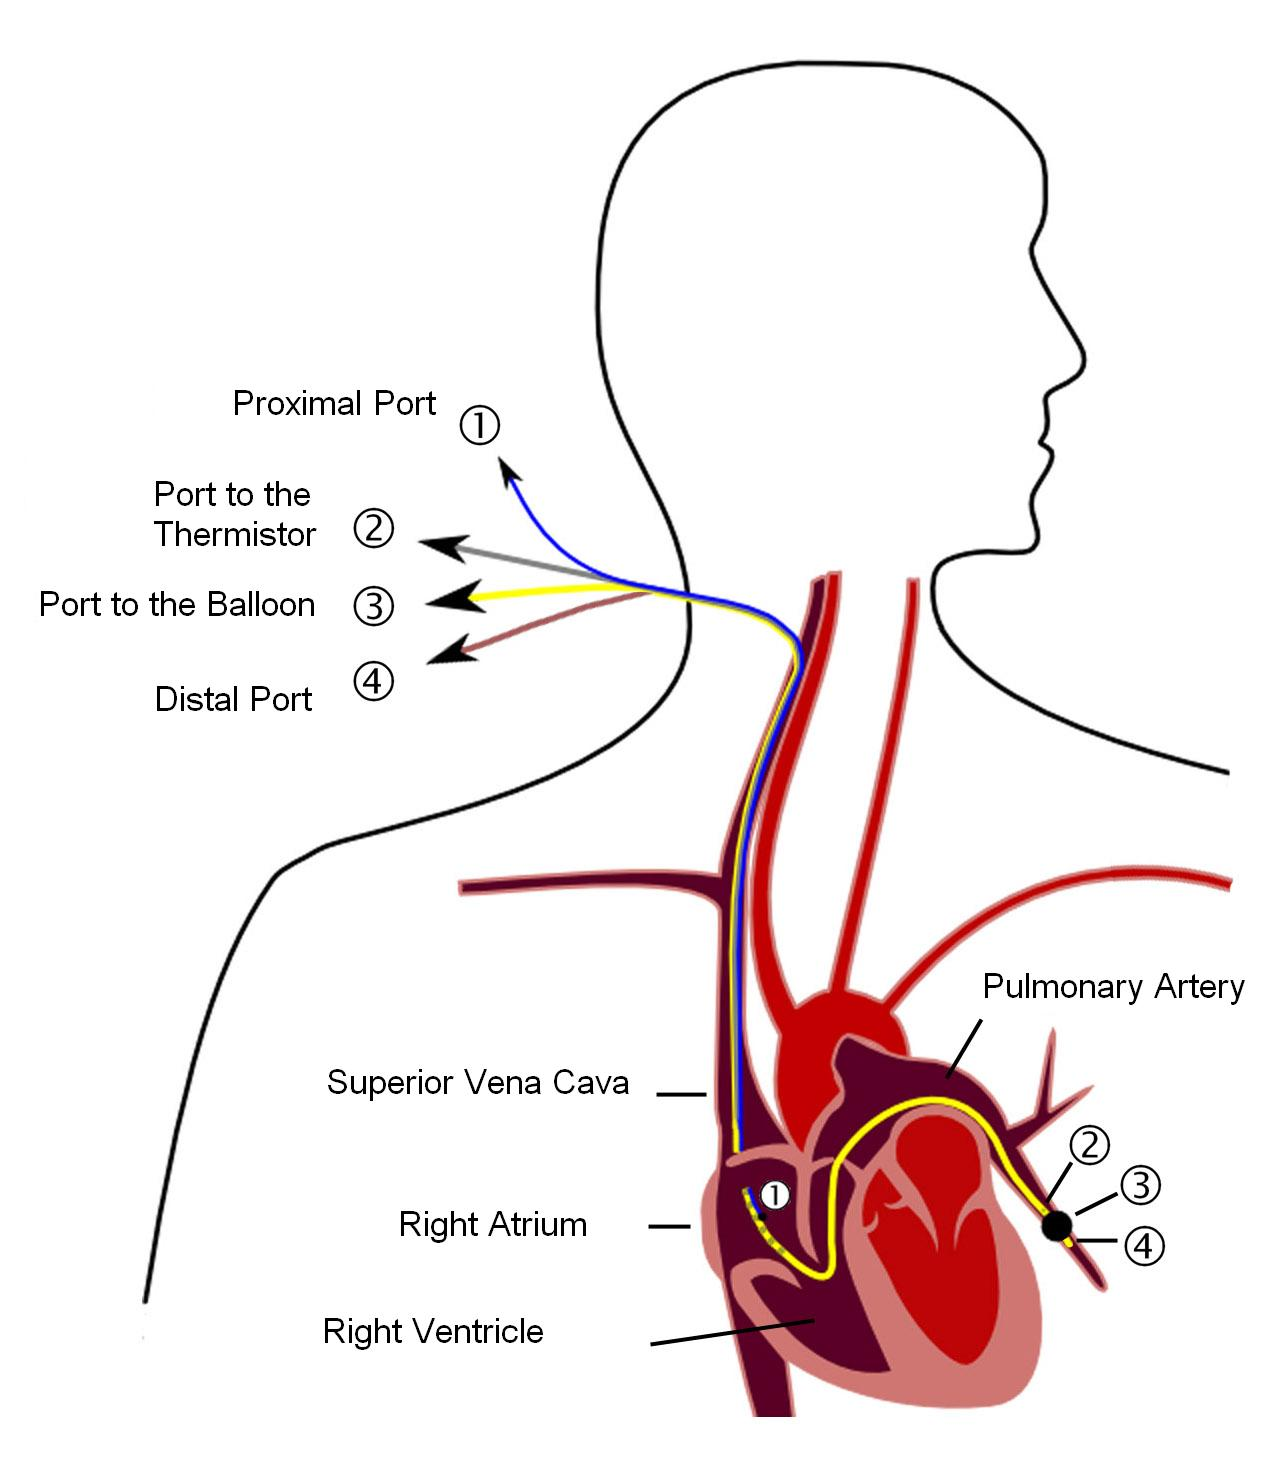 Pulmonary artery catheter - Wikipedia